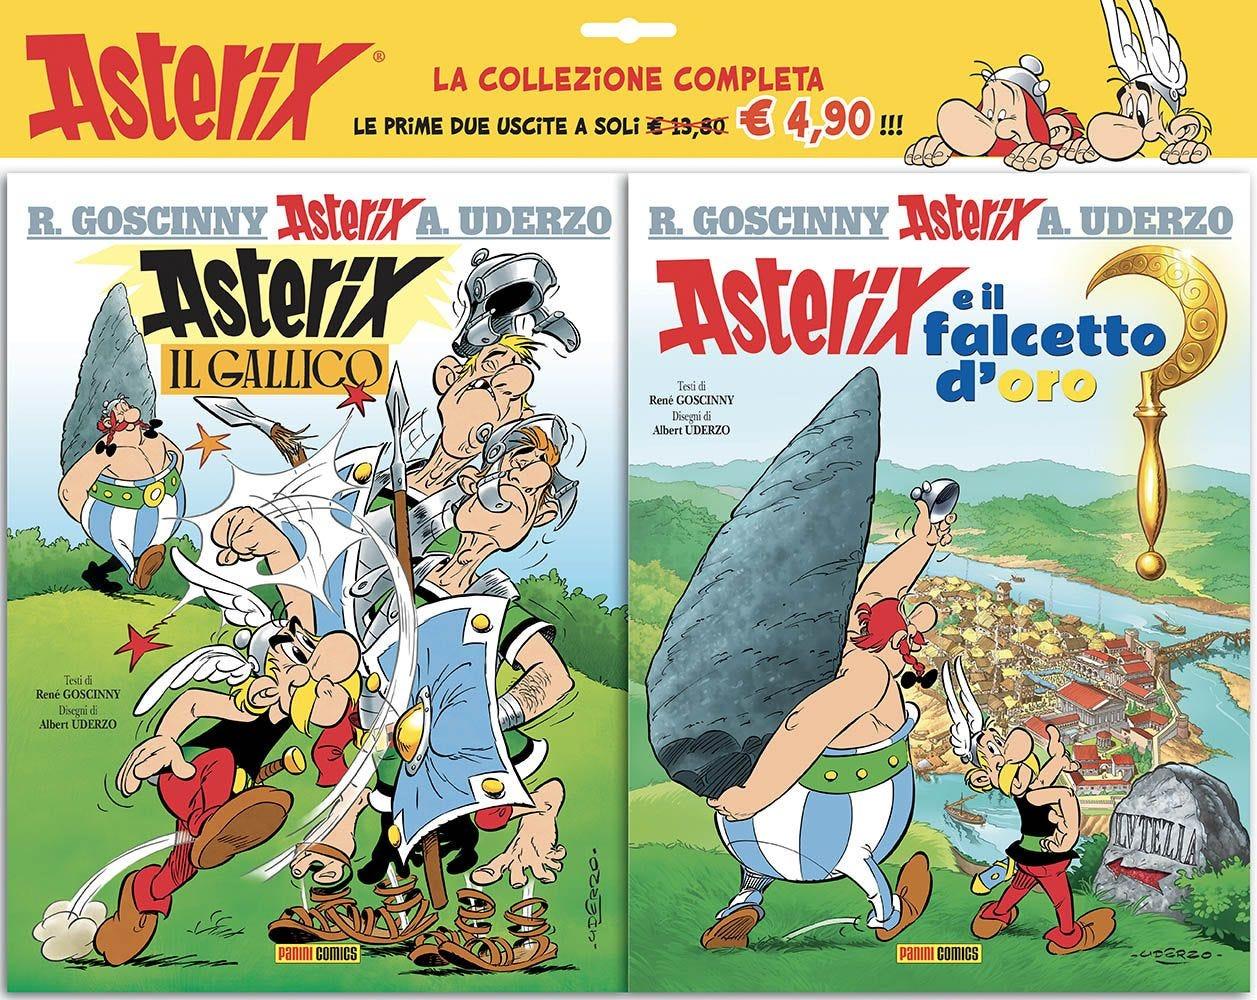 Asterix il Gallico + Asterix e il Falcetto D'Oro Prevendita magazines